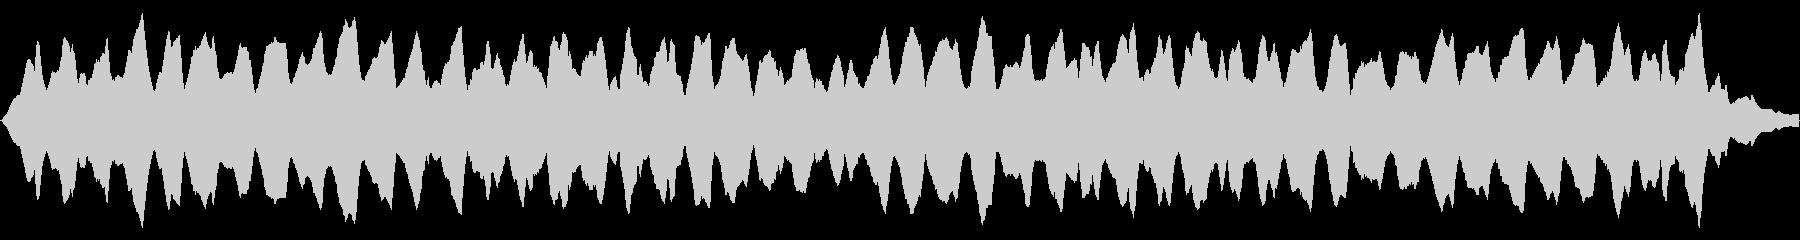 ピーポーピーポー(救急車のサイレン(団…の未再生の波形